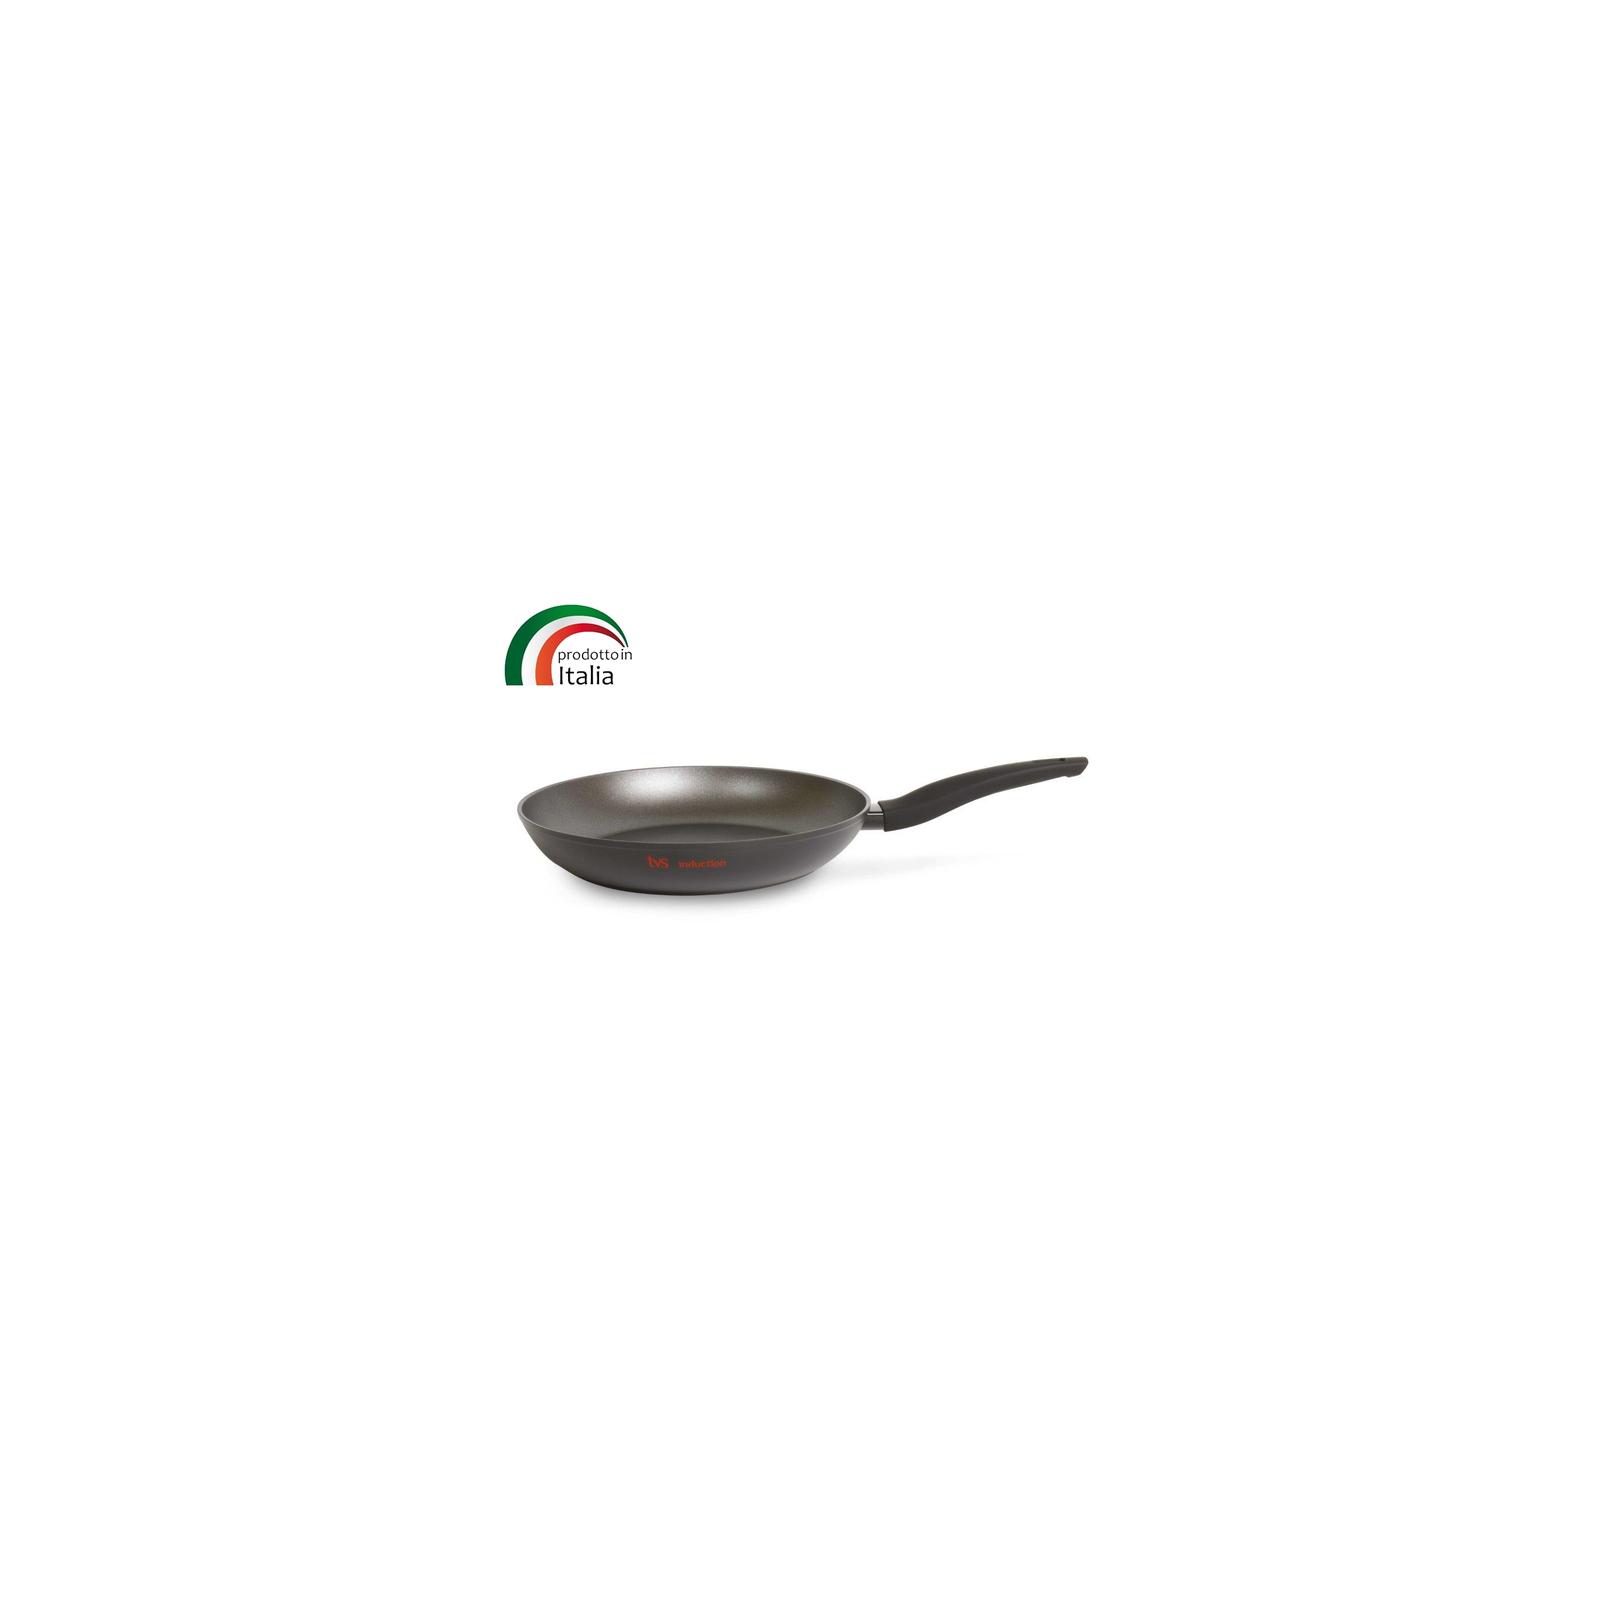 Сковорода TVS Preziosa Induction 24 см (1W279243310101)